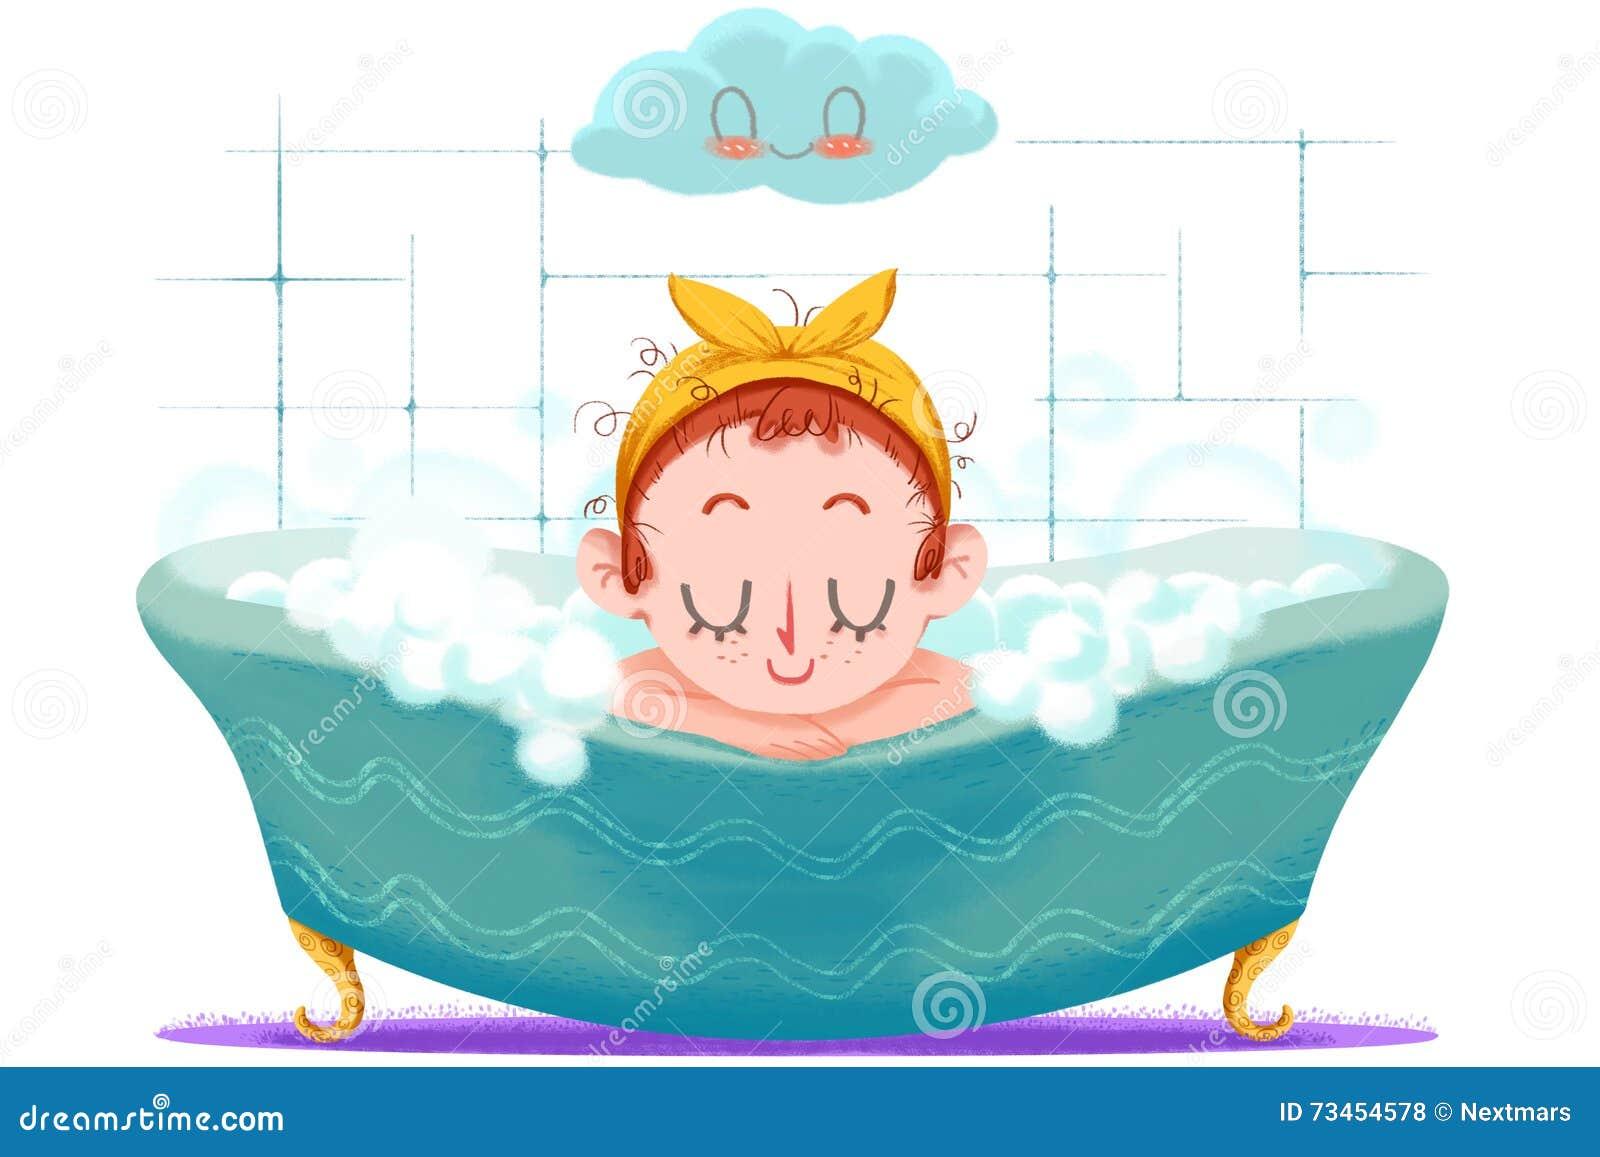 Illustration créative et art innovateur : La petite fille prend Bath heureux dans le baquet